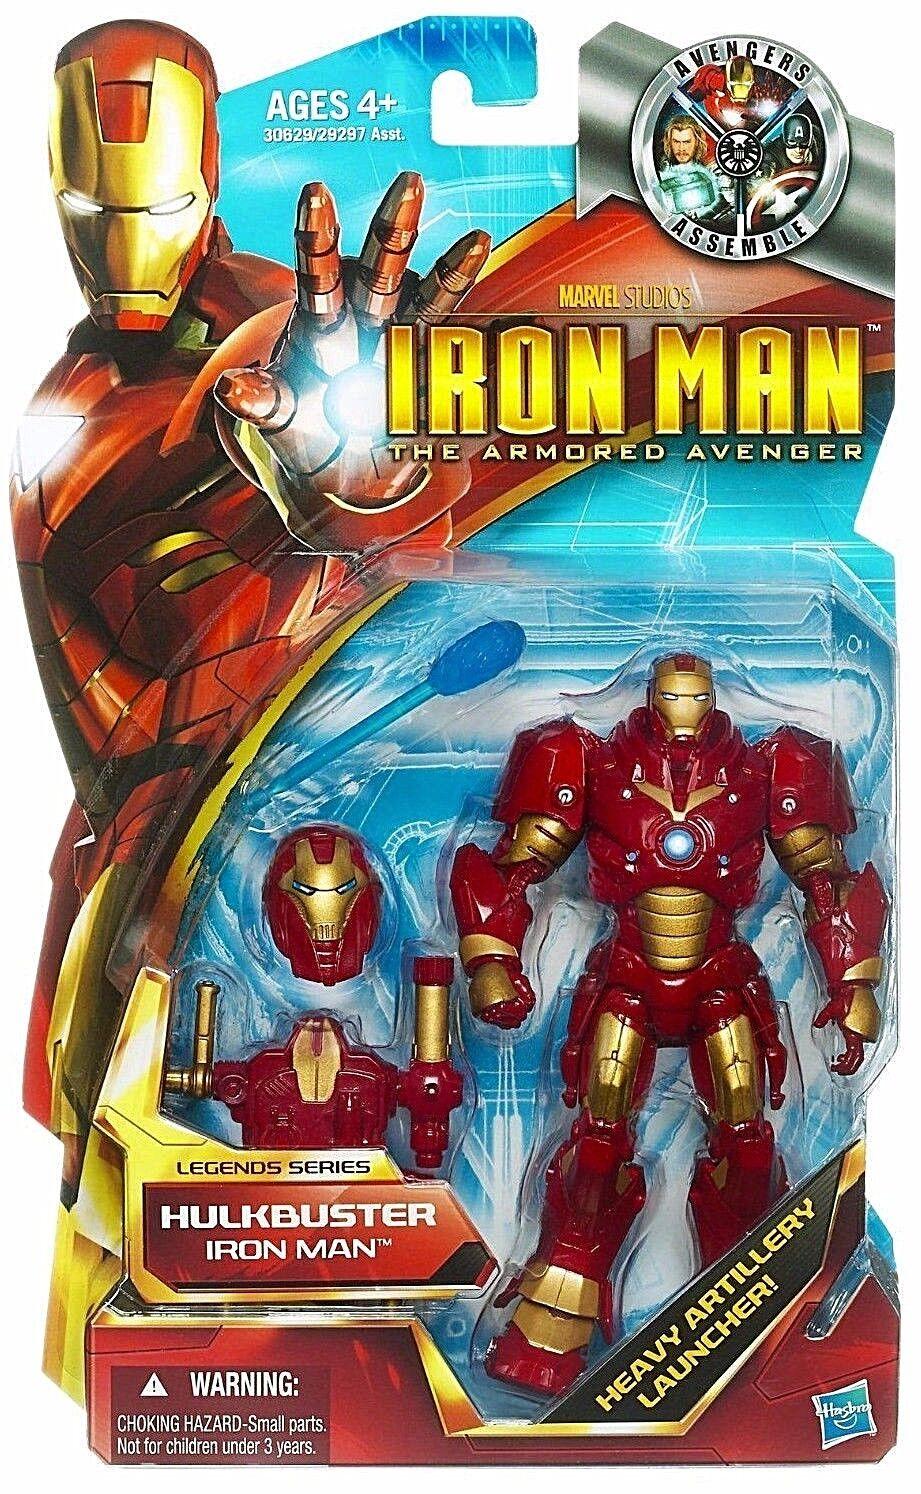 Iron man den gepanzerten avenger_hulkbuster iron - man - 6